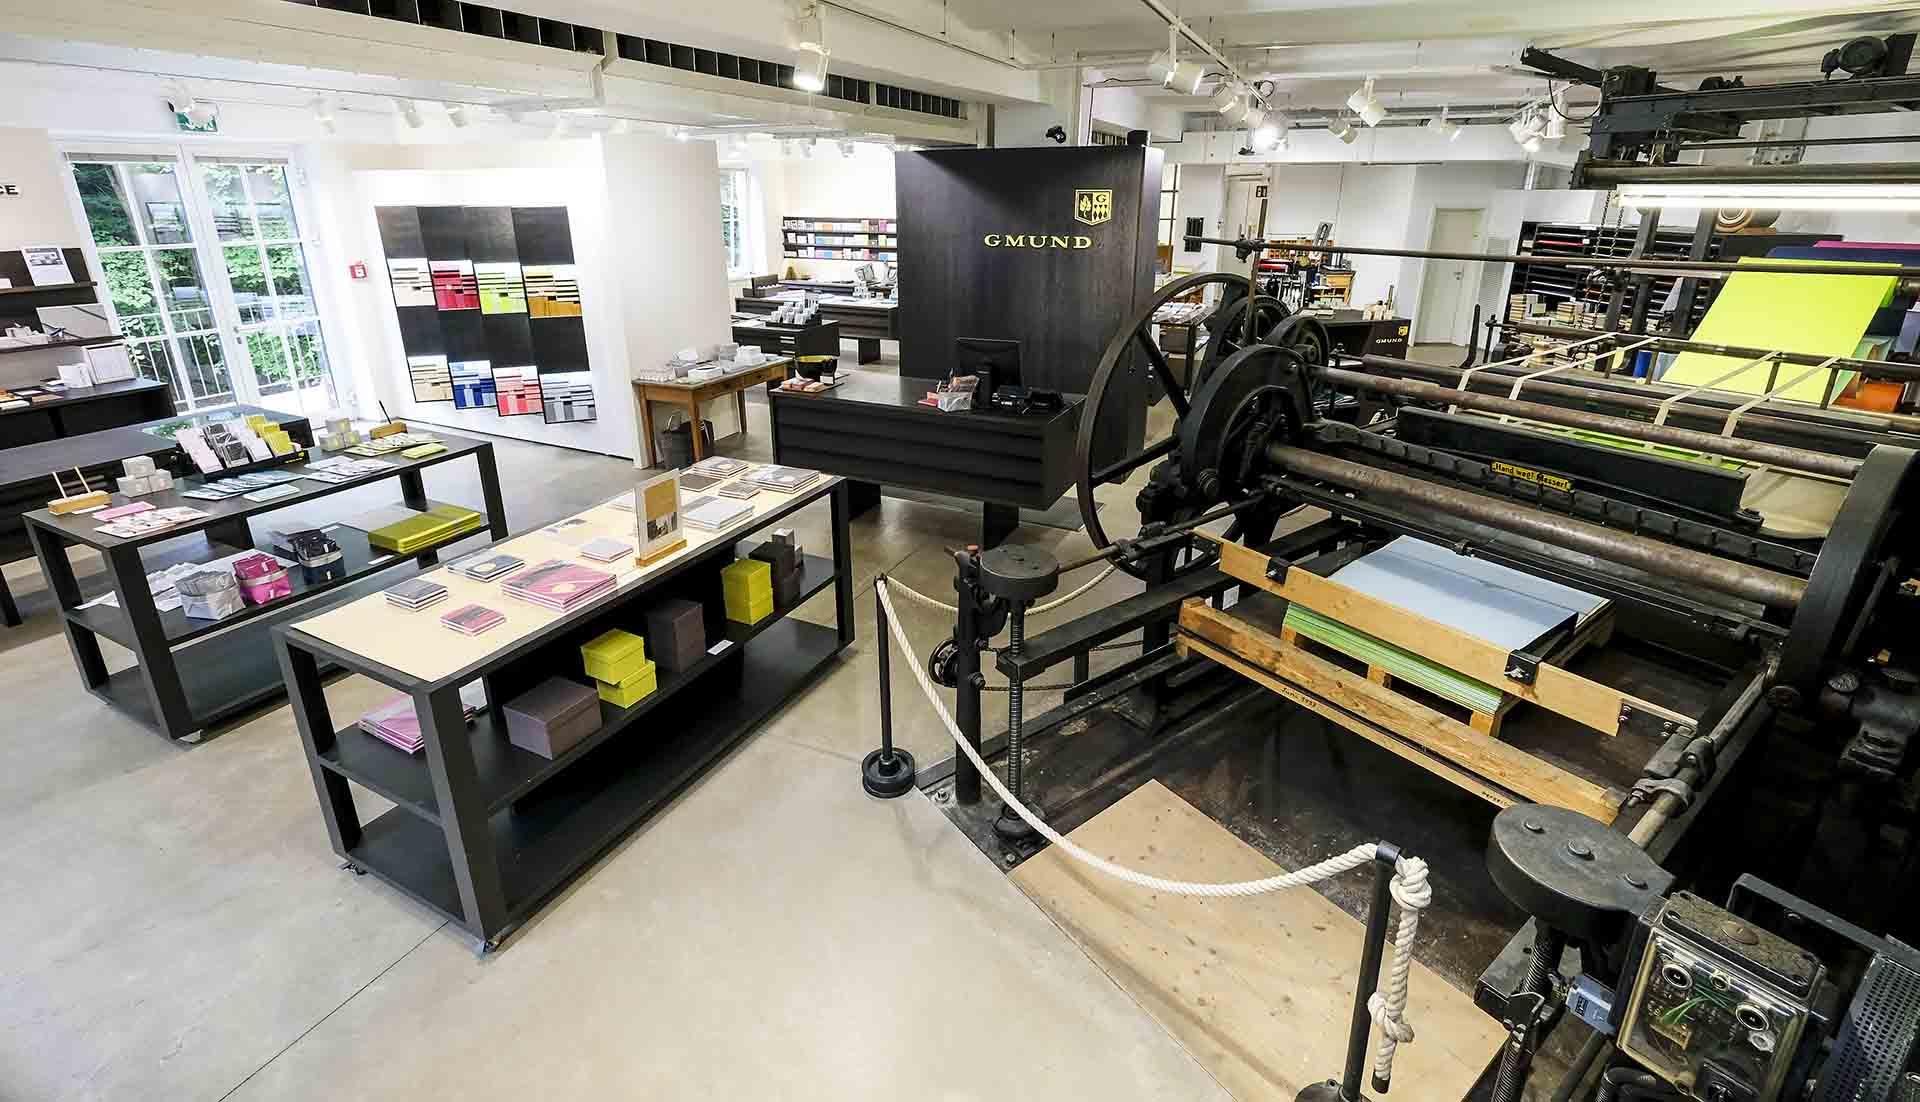 Büttenpapierfabrik in